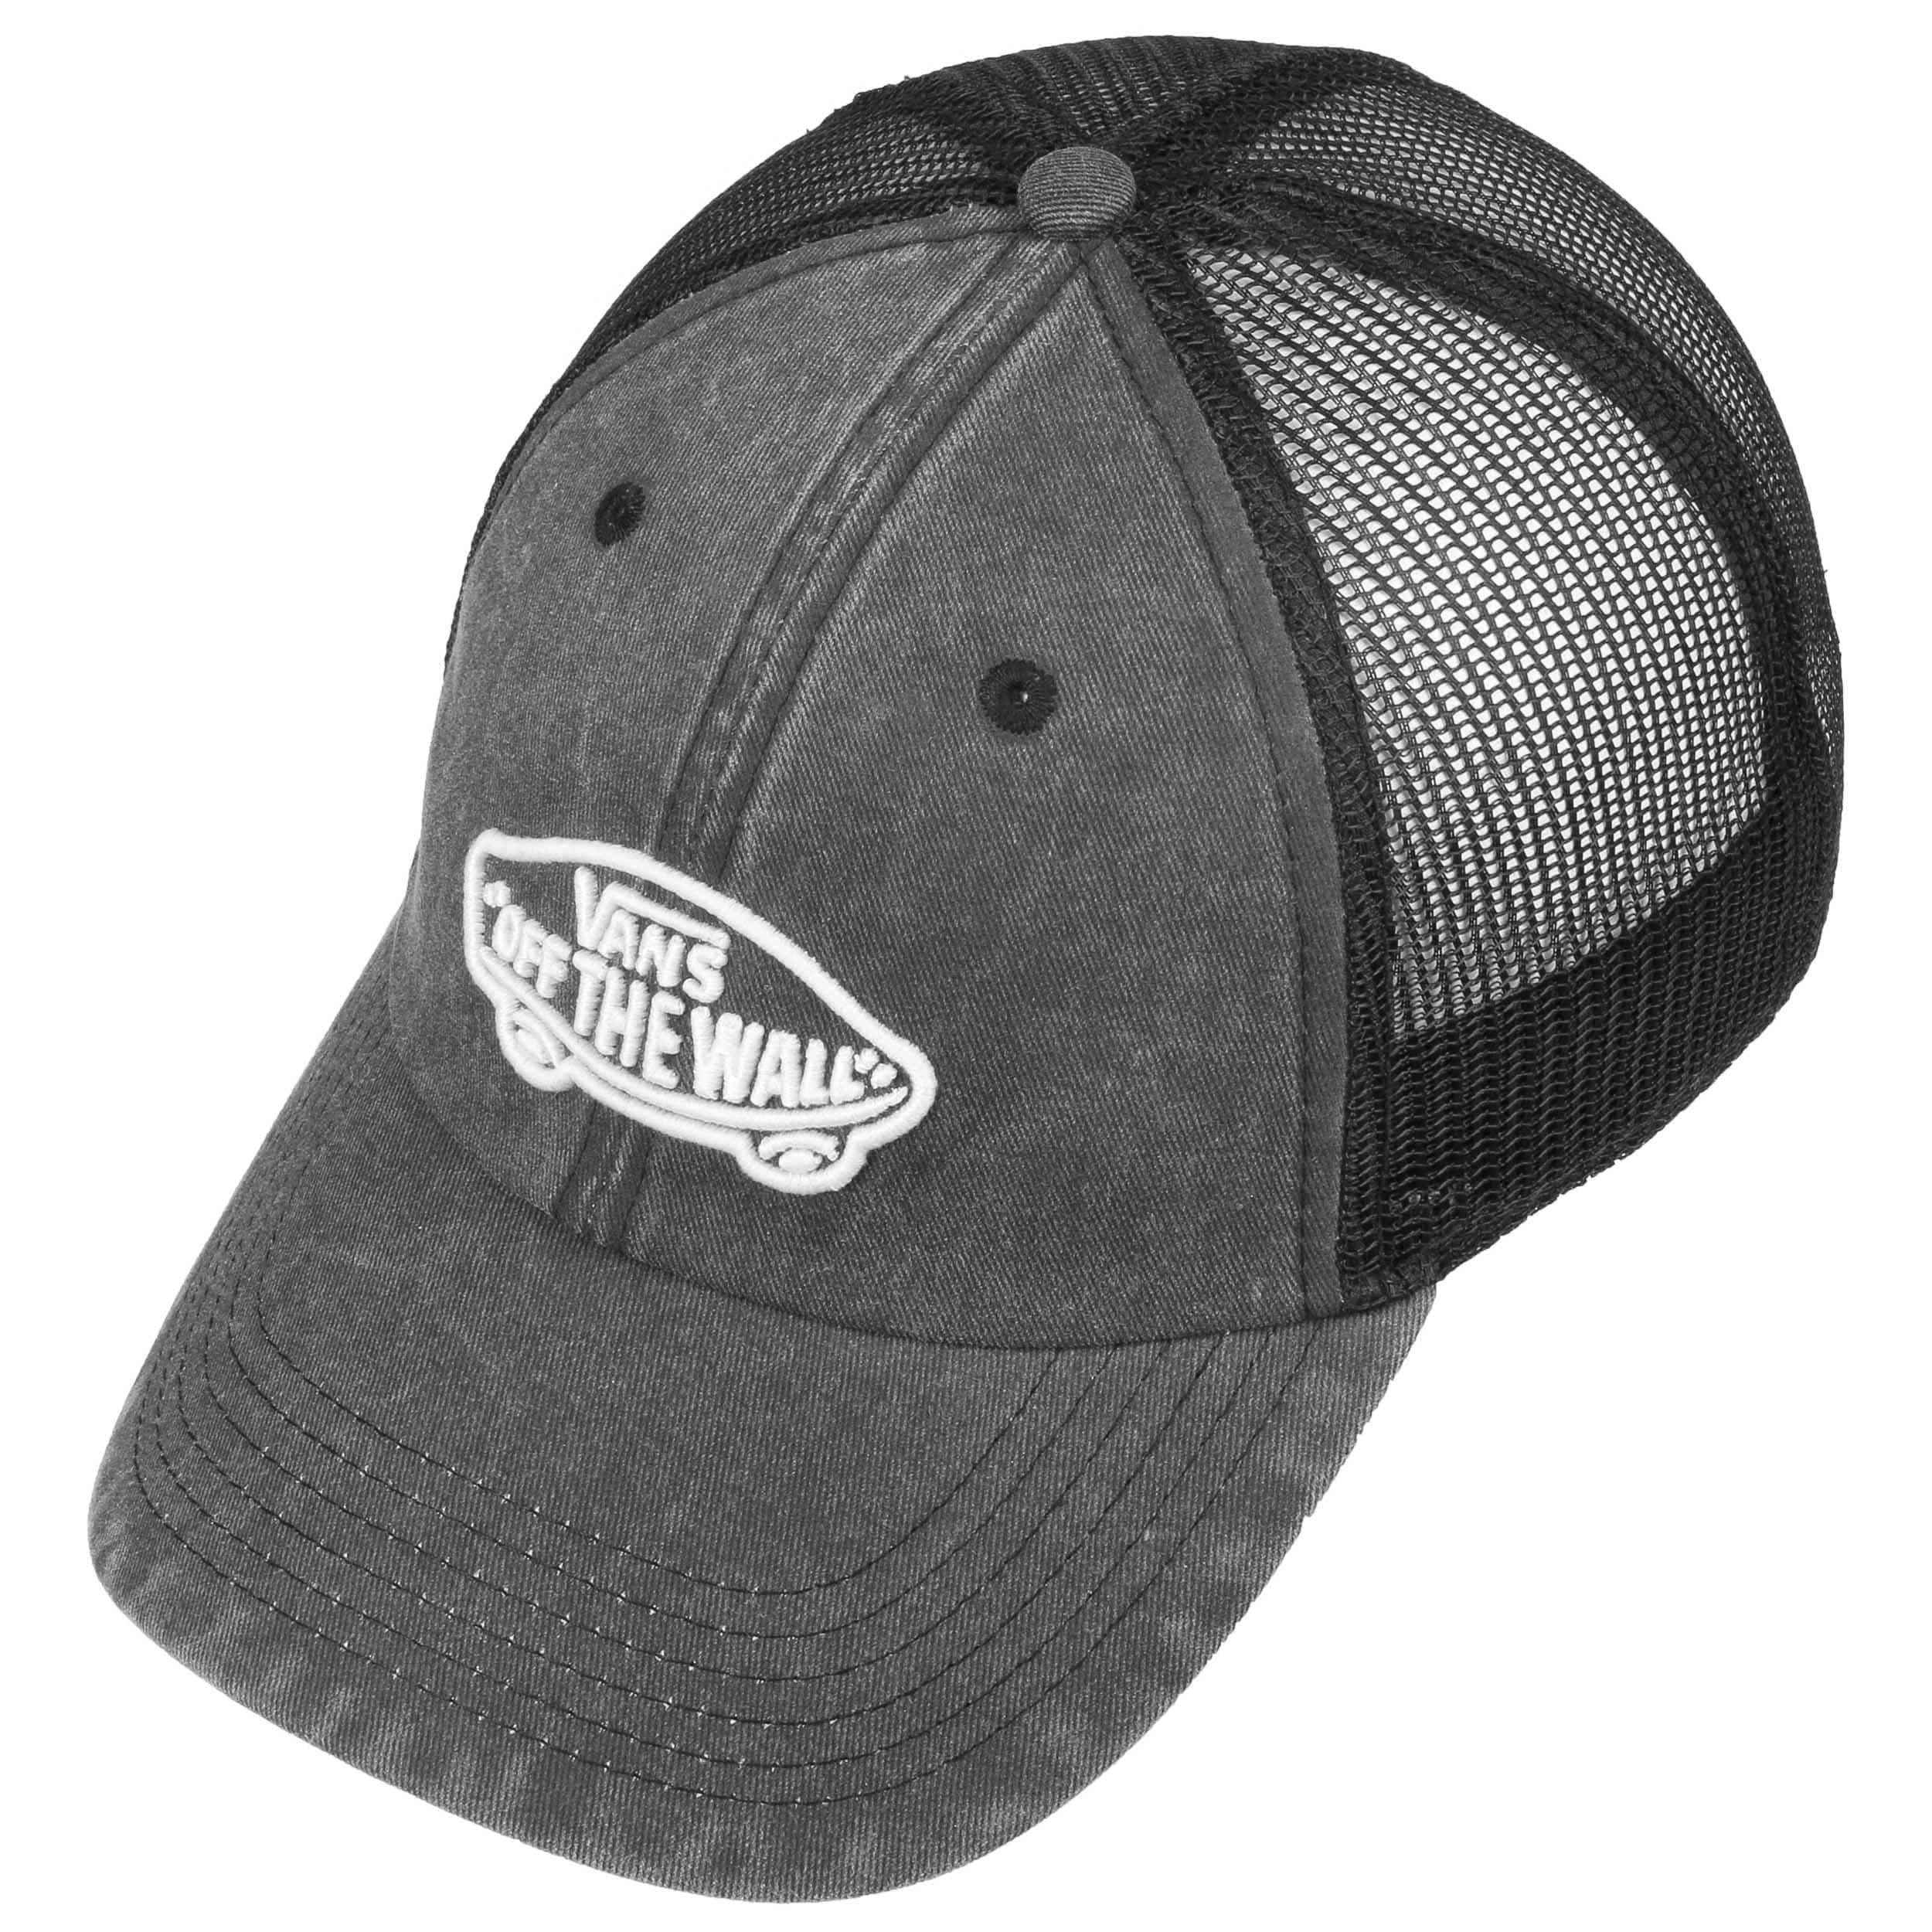 ee207142ba478 Gorra Women´s Trucker by Vans - Gorras - sombreroshop.es